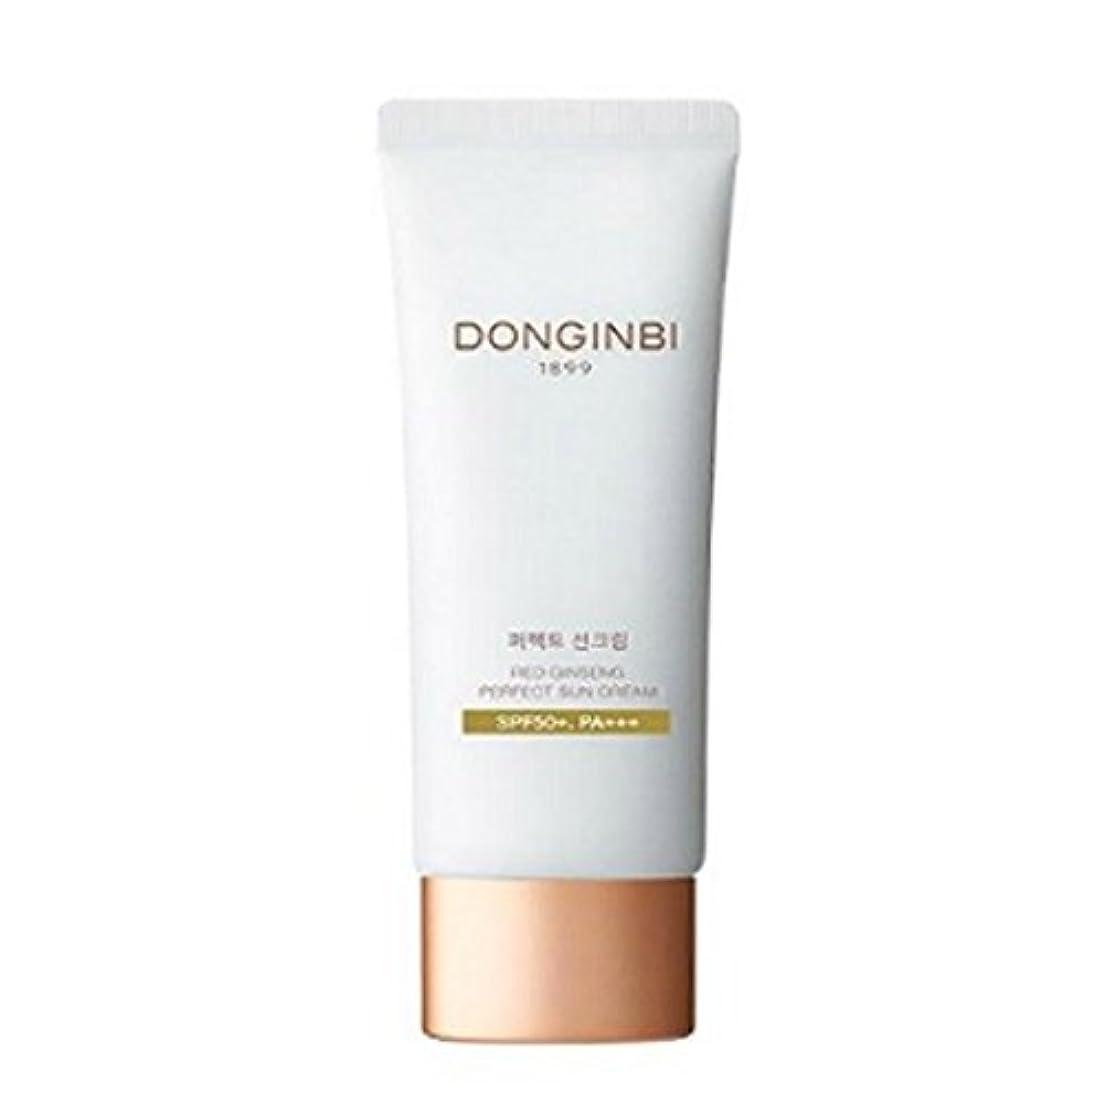 フィード公式筋[ドンインビ]DONGINBI ドンインビパーフェクトサンクリーム50ml 海外直送品 perfect suncream SPF50+ PA+++ 50ml [並行輸入品]